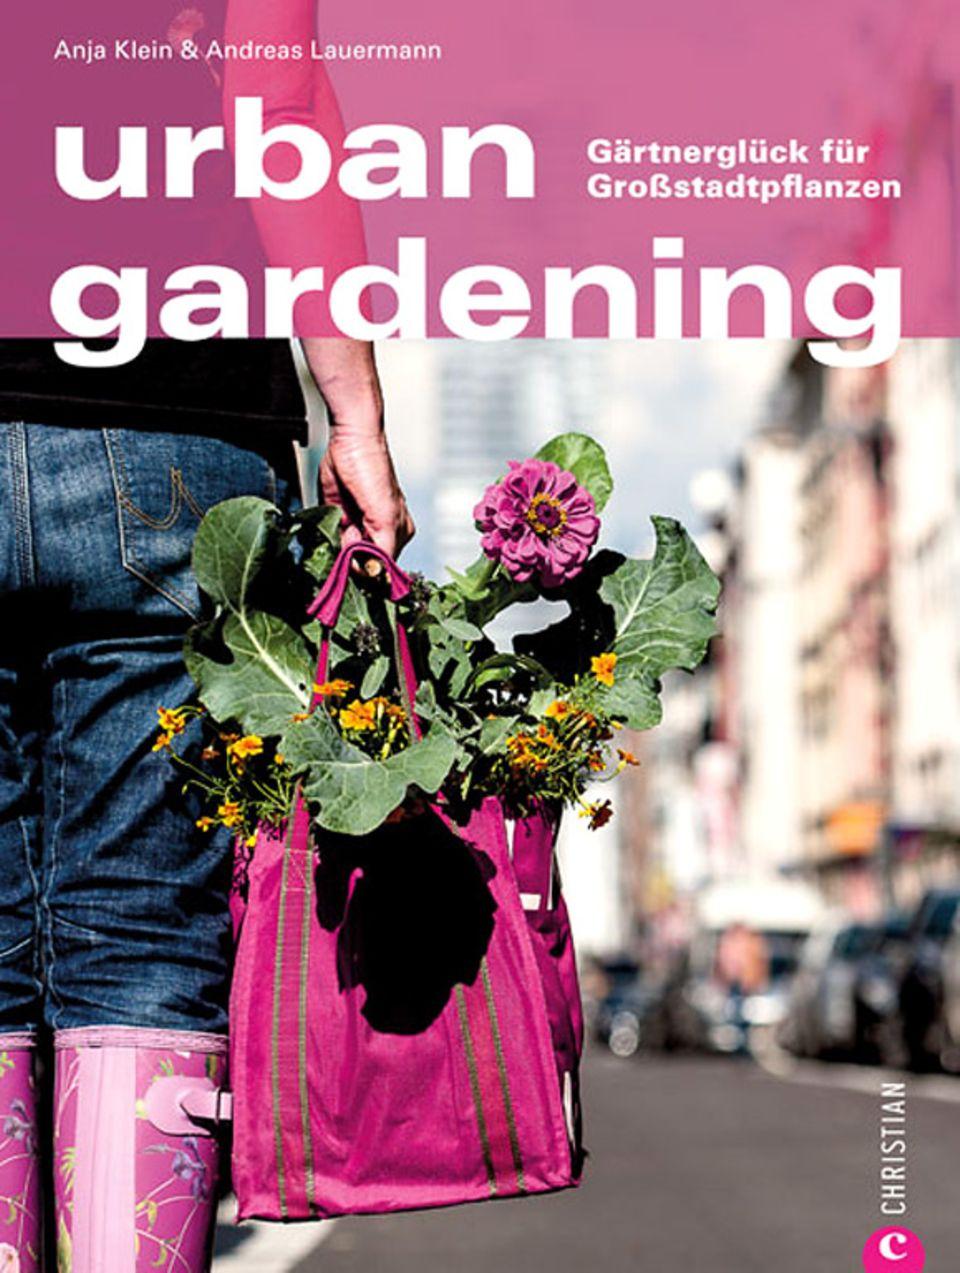 """Grüne Städte: """"Urban Gardening"""" von Anja Klein und Andreas Lauermann"""